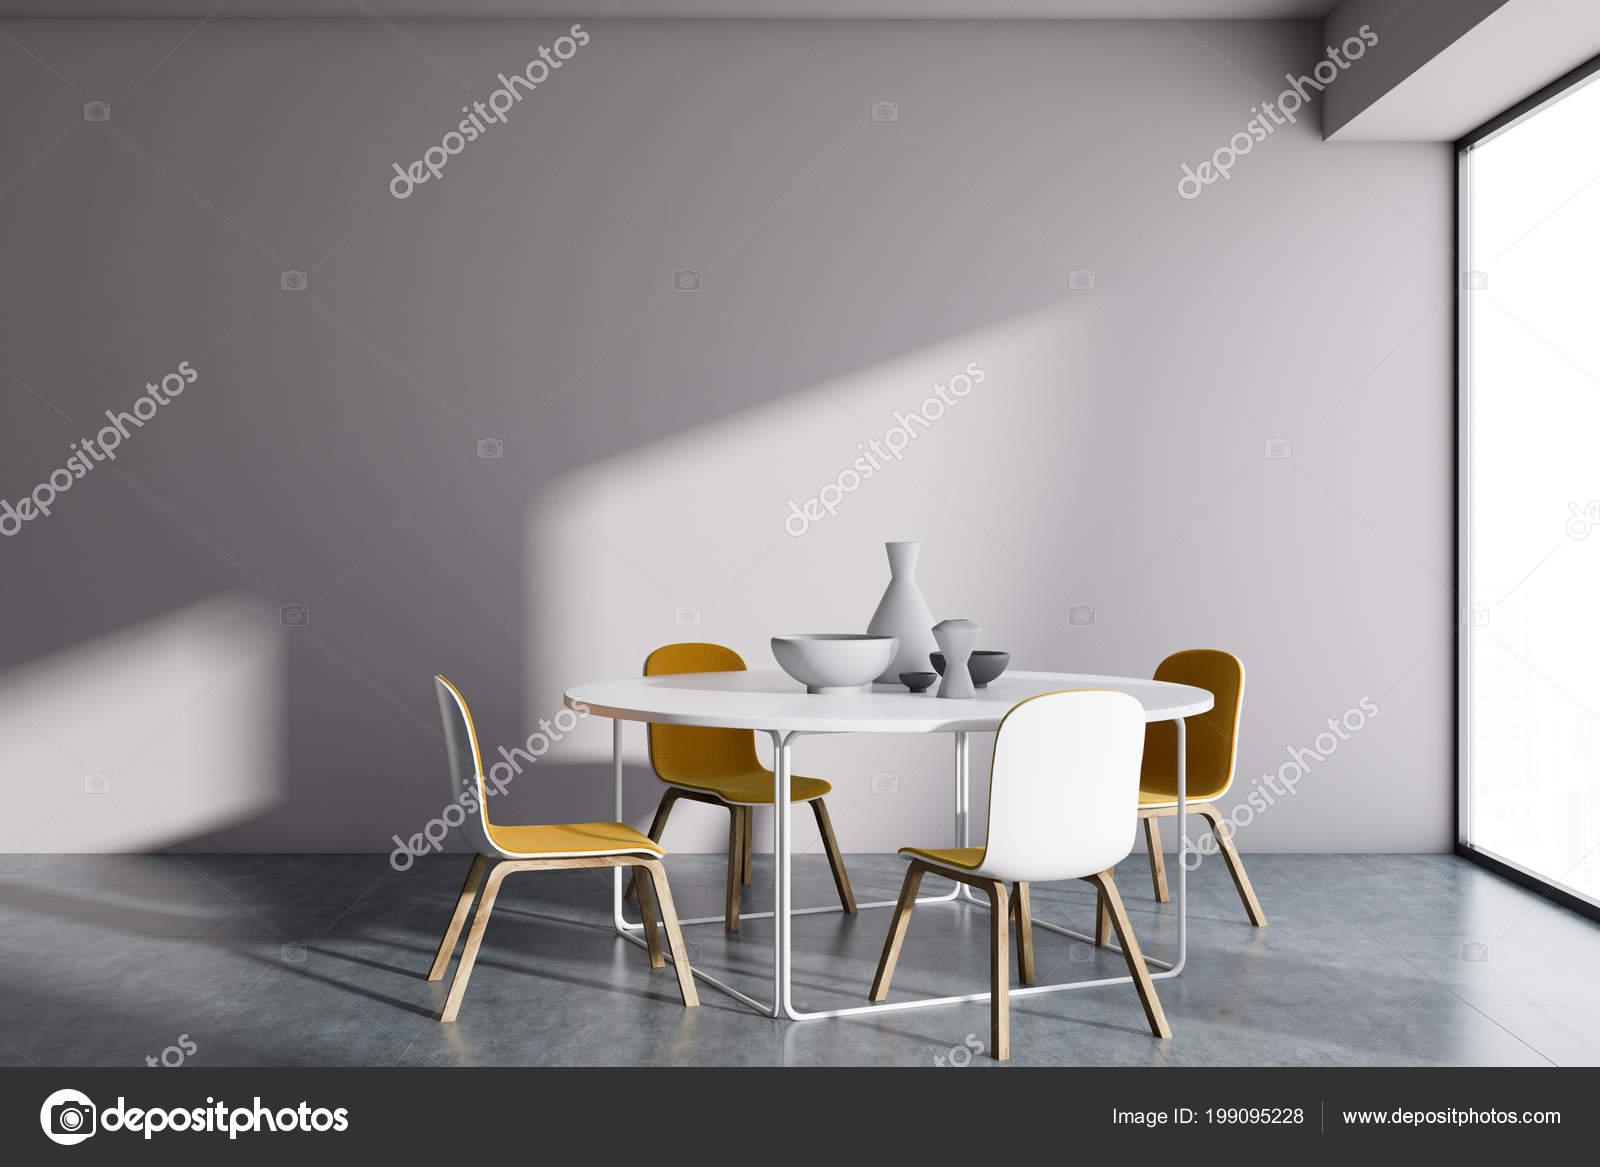 Weiße Wand Minimalistischen Skandinavischen Stil Esszimmer Interieur ...